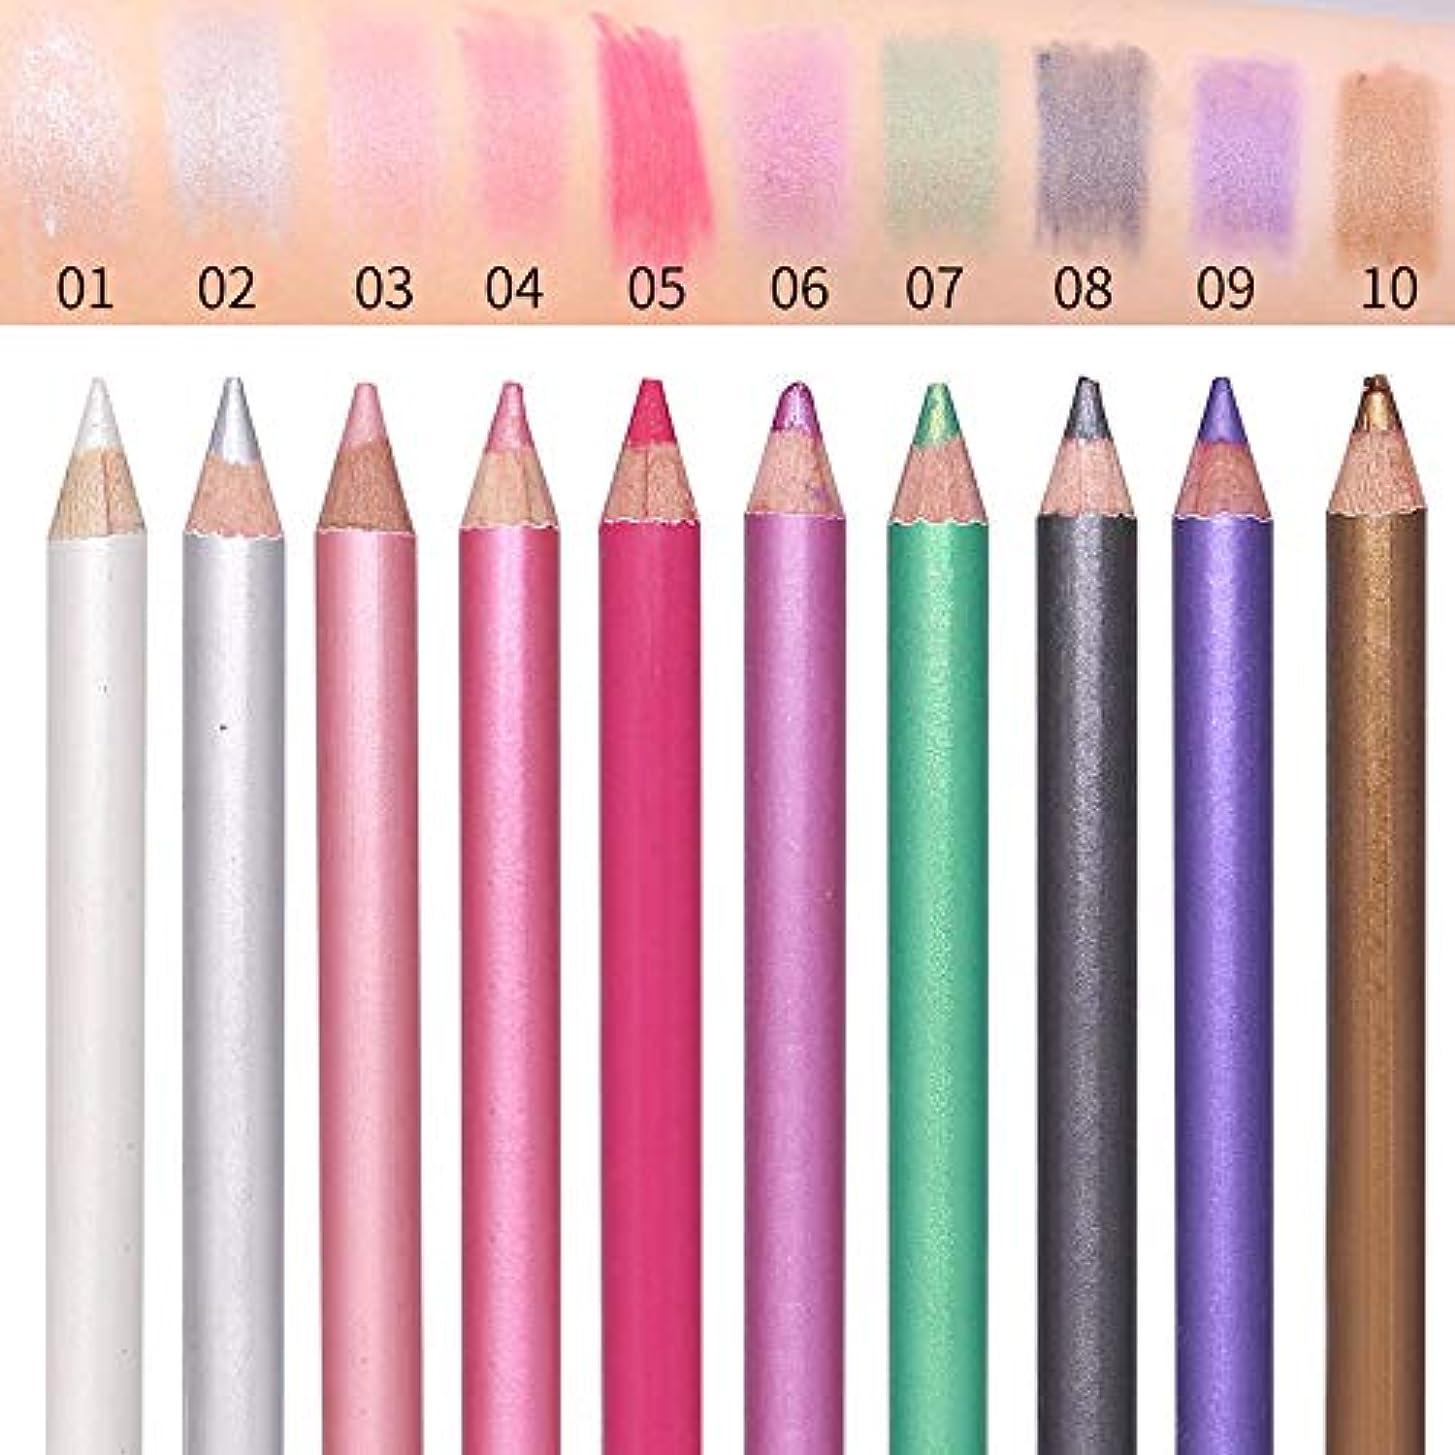 受信機普通の出費1ピースフェイスアイシャドウペンシルハイライト輪郭ペンスティック防水長続き化粧10色シャドウペンシル付きブレンダー (3)